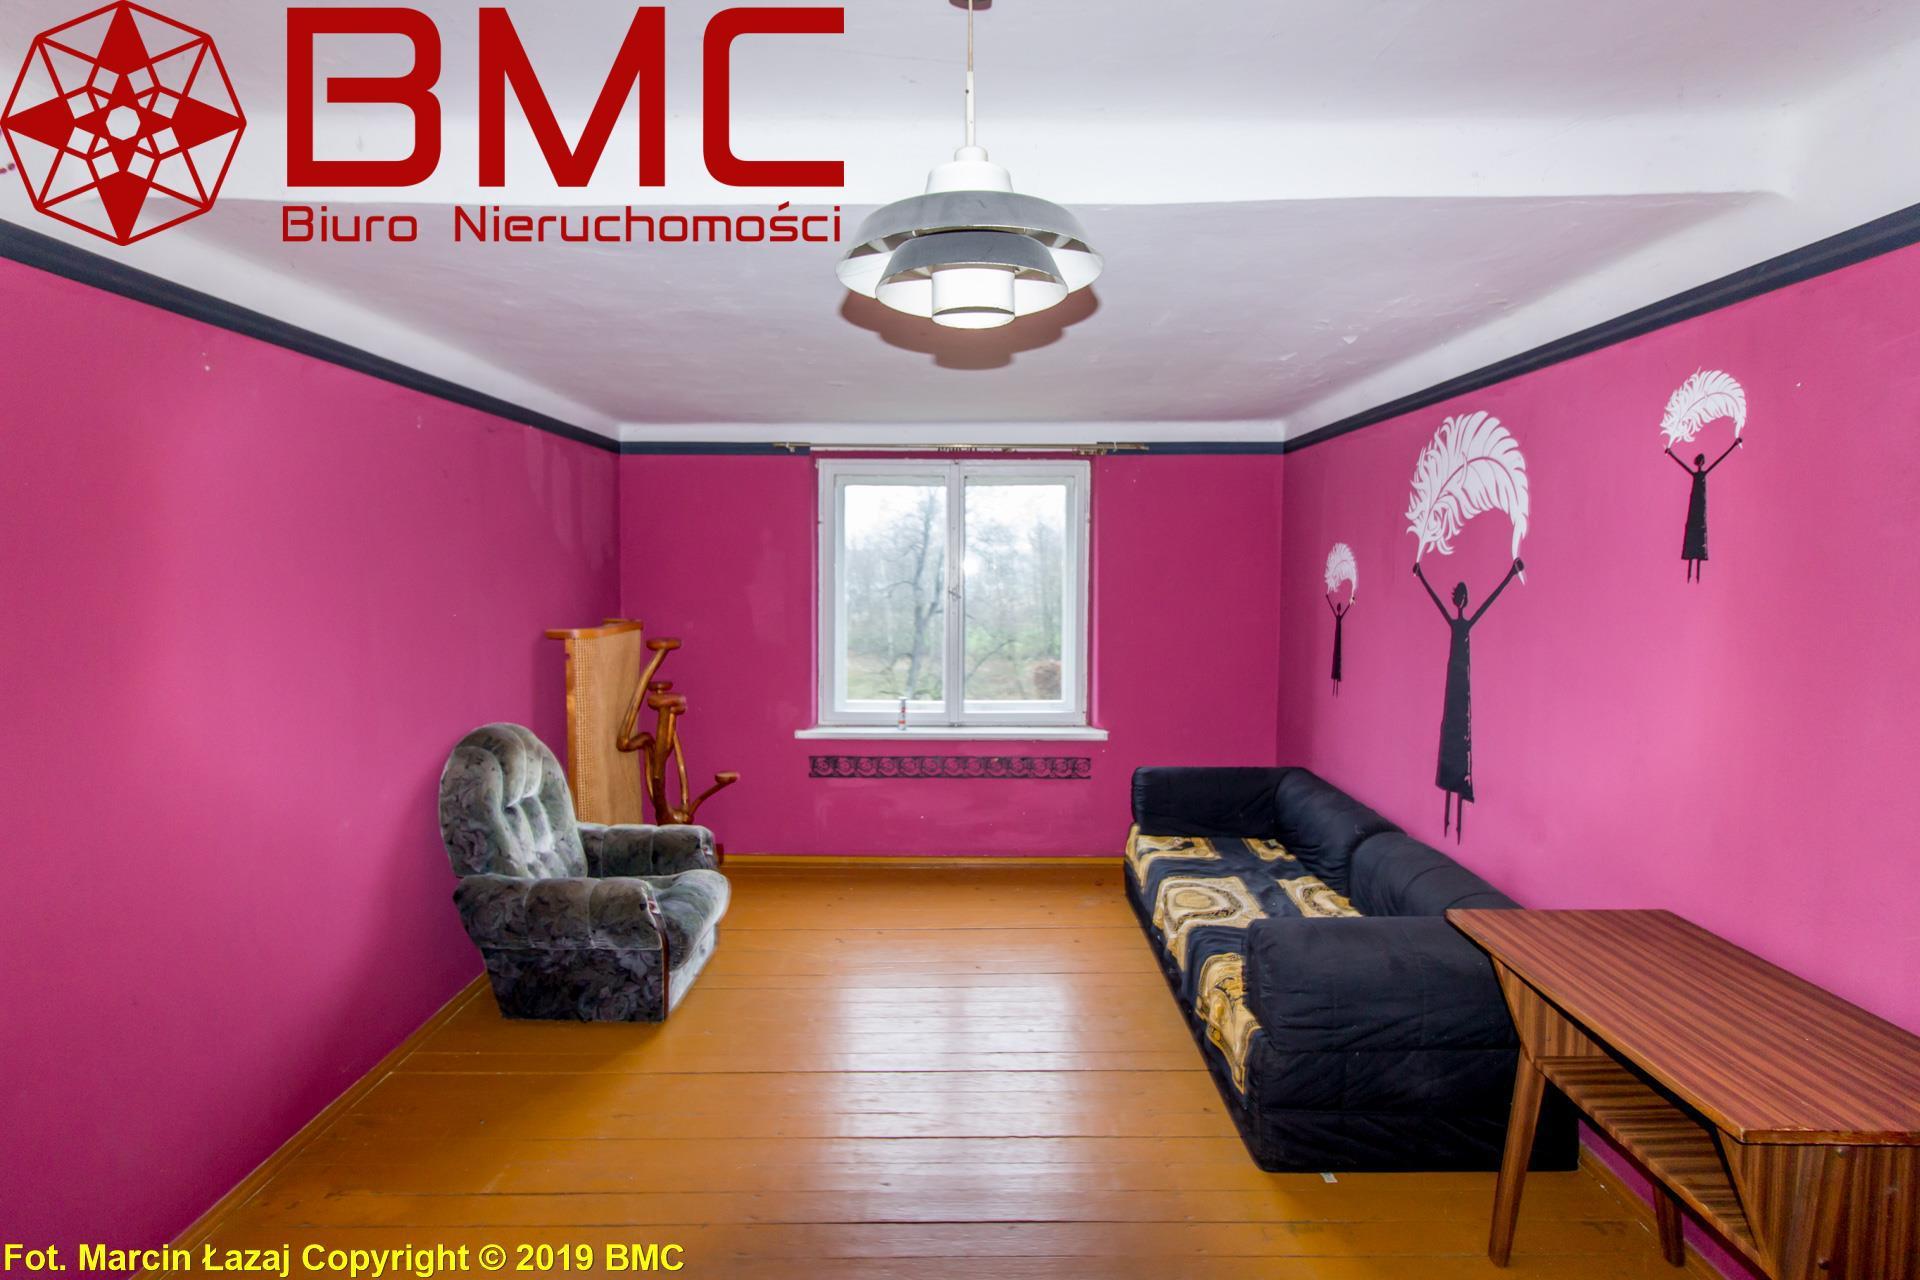 Nieruchomość Mieszkanie sprzedaż Braszczok Mieszkanie 667zł za metr do remontu - Braszczok Lisów1